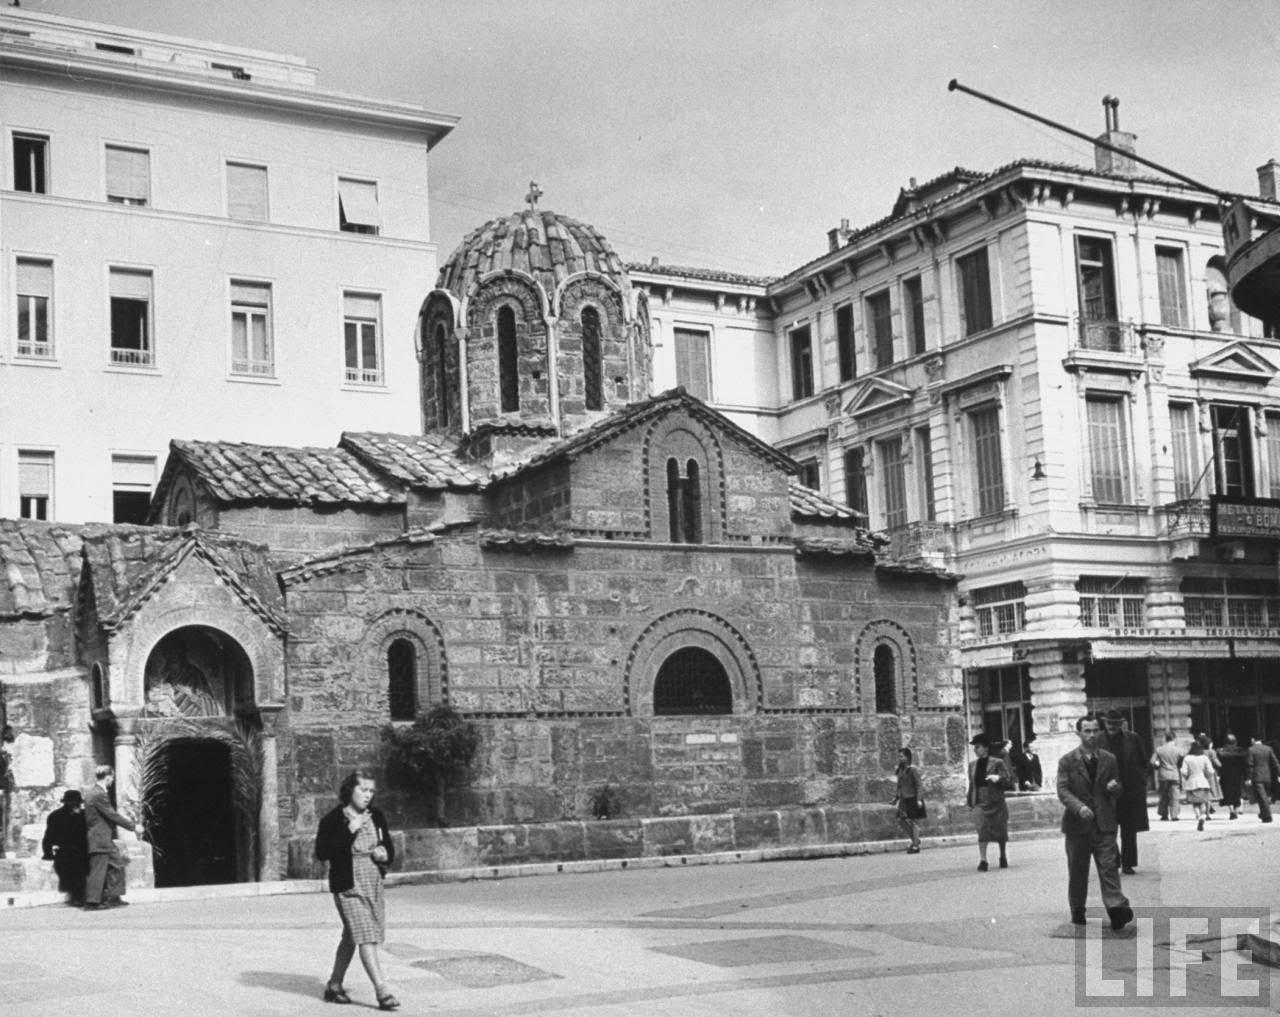 http://4.bp.blogspot.com/-c6lu6gnrX7w/Unj-oNjkcJI/AAAAAAAALs4/uNag7Y5unjA/s1600/Athens+Ermou+Dec.1944+by+Dmitri+Kessel.jpg